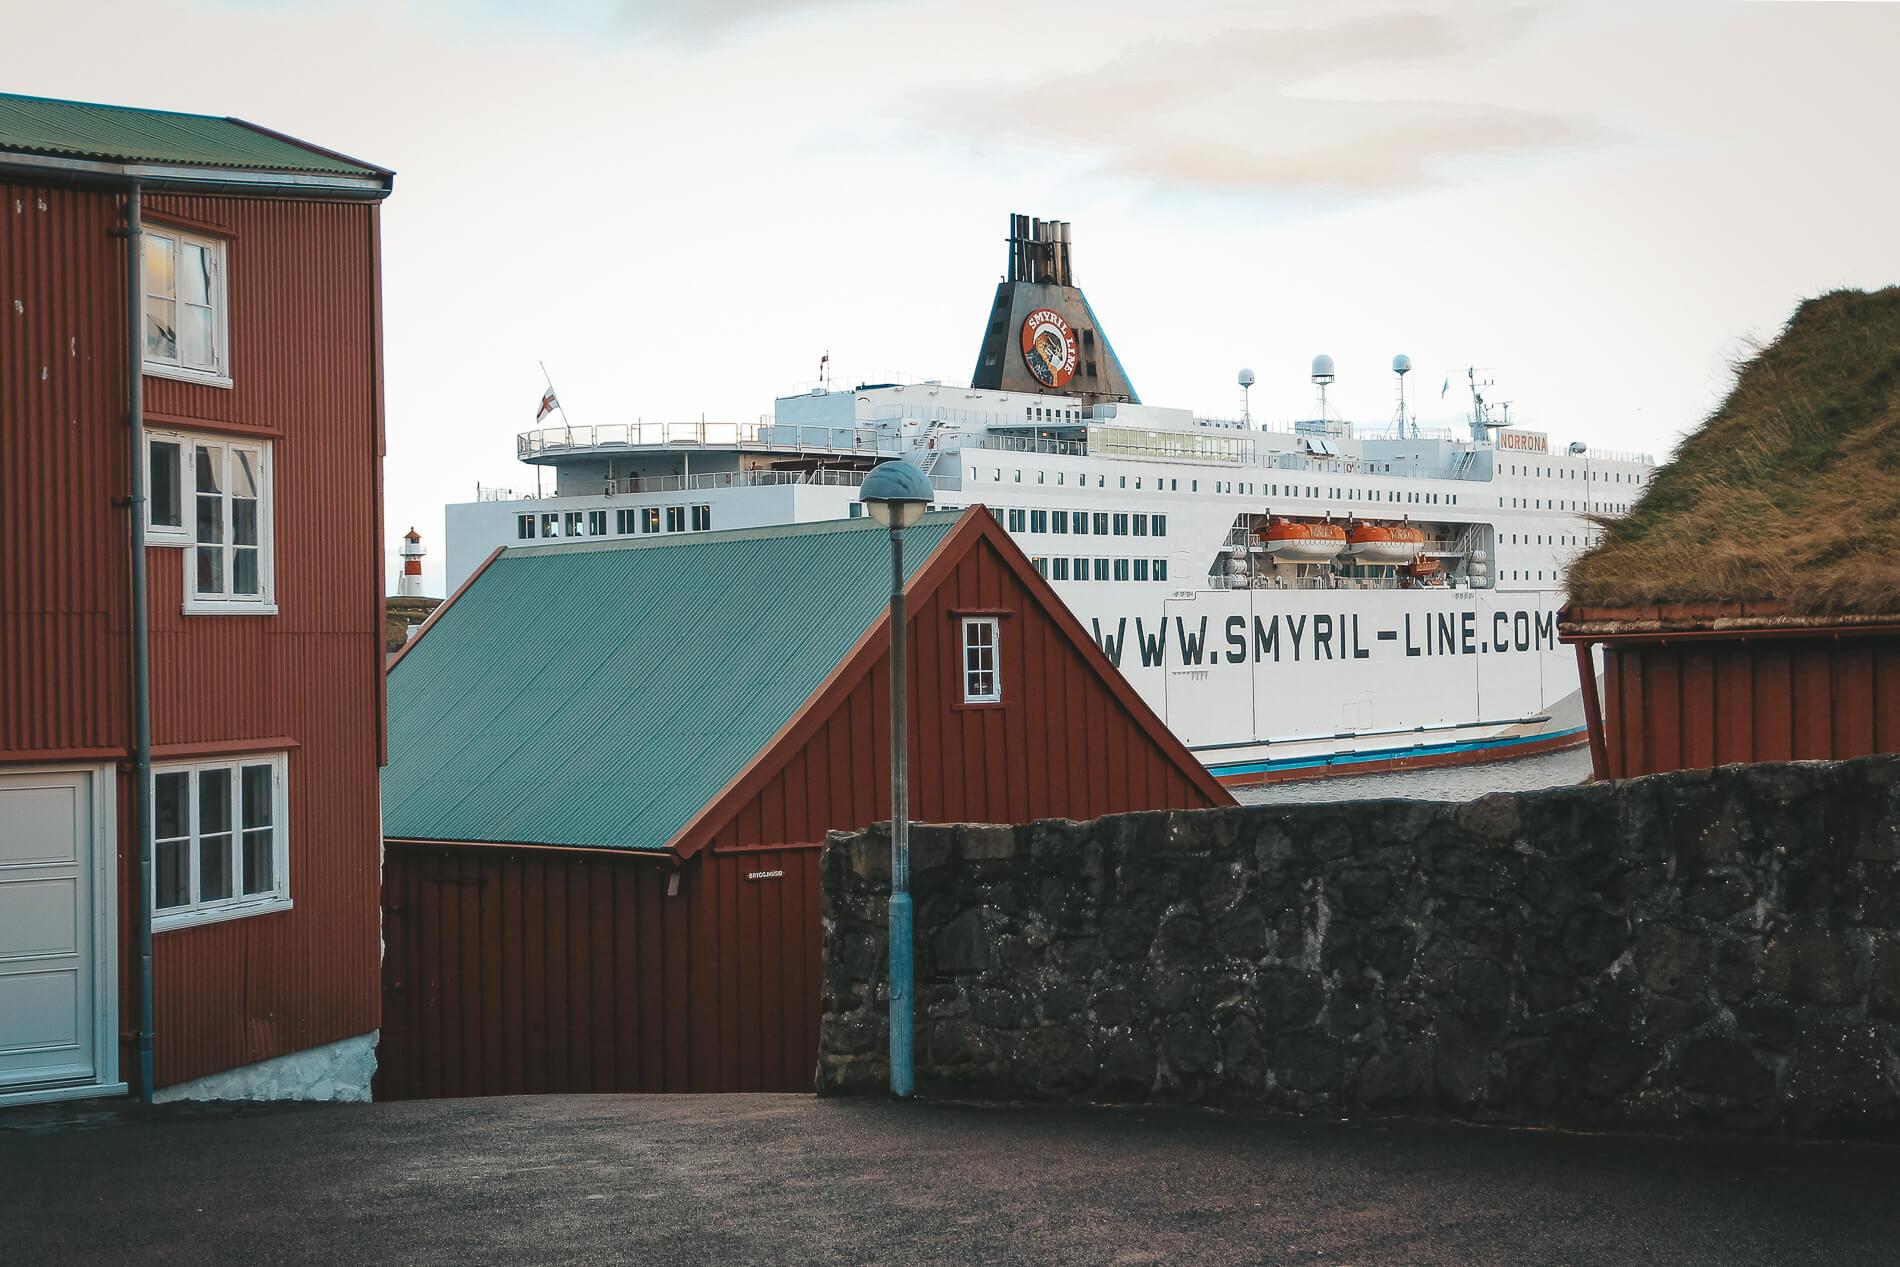 Torshavn Smyril Line Ferry, faroe islands facts, visit faroe islands